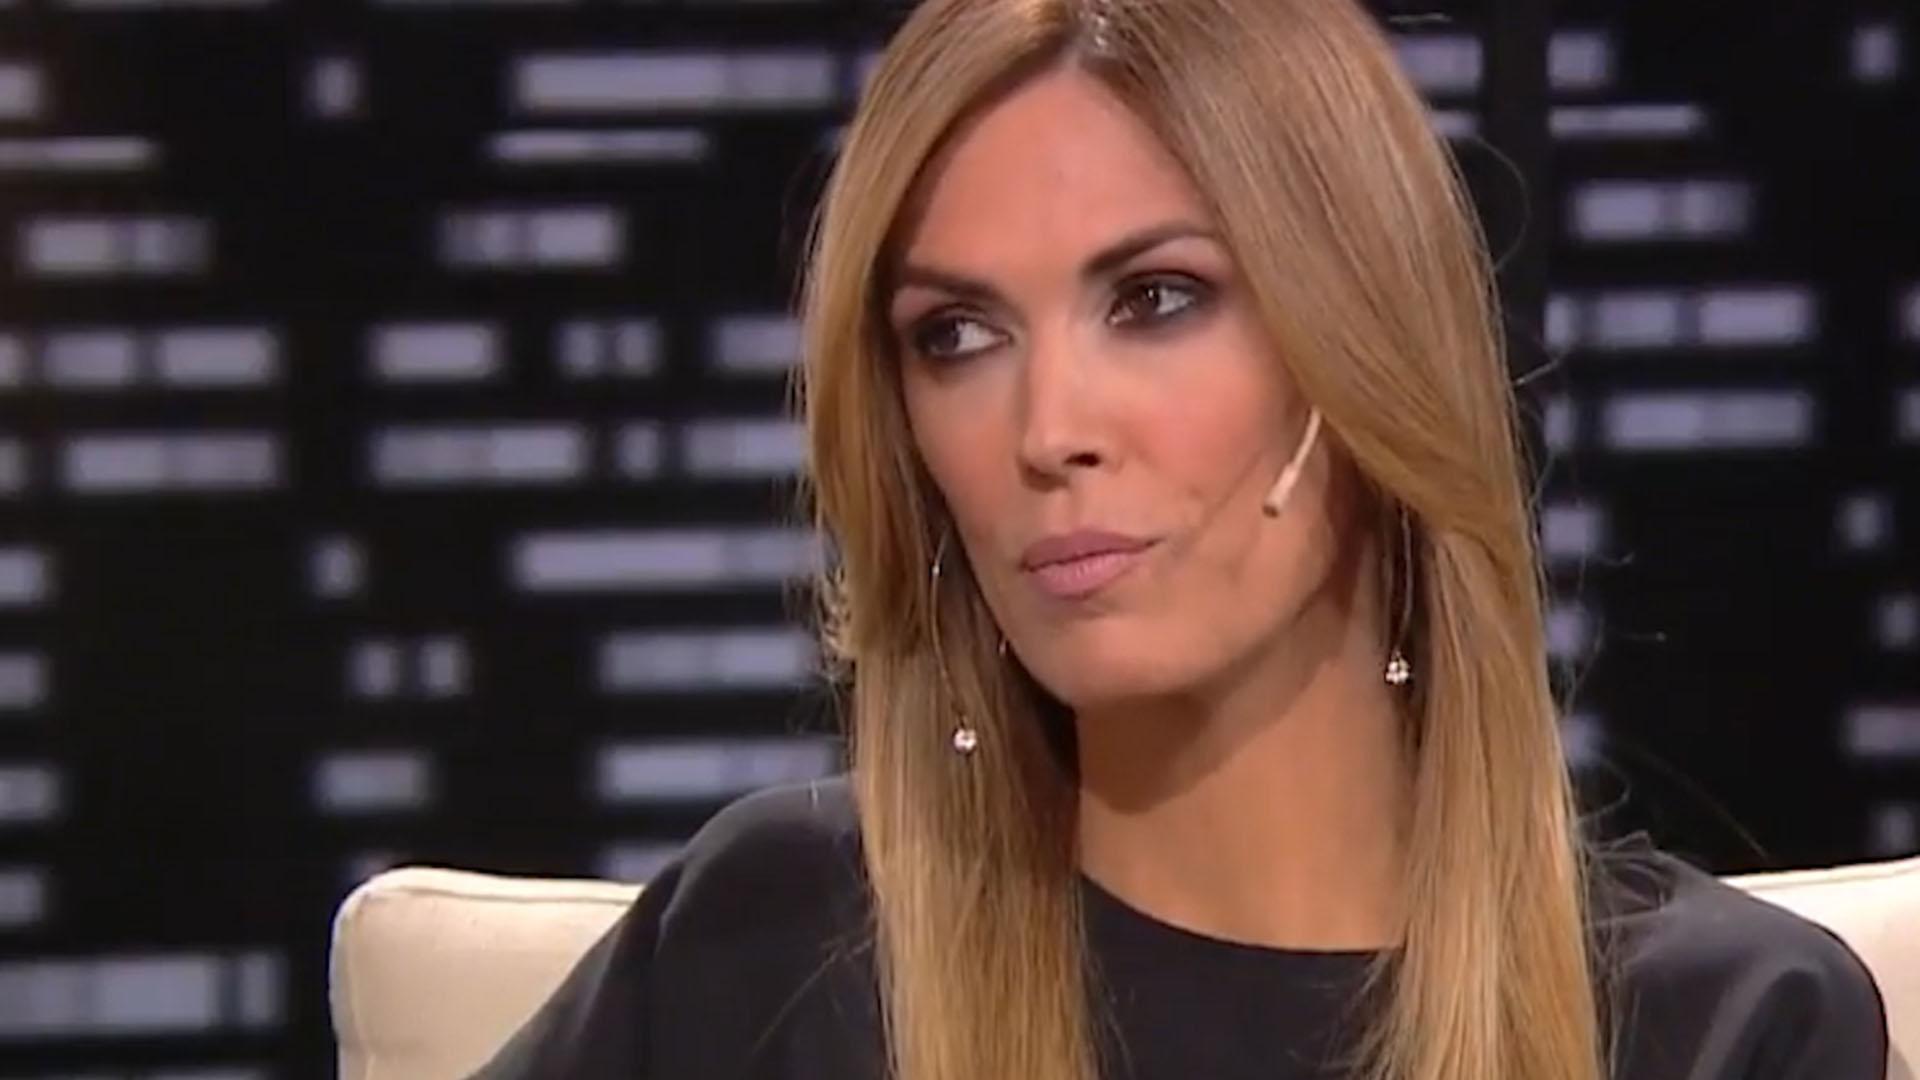 Viviana Canosa Conto Los Motivos De Su Divorcio De Alejandro Borensztein Me Empece A Ver Triste Infobae